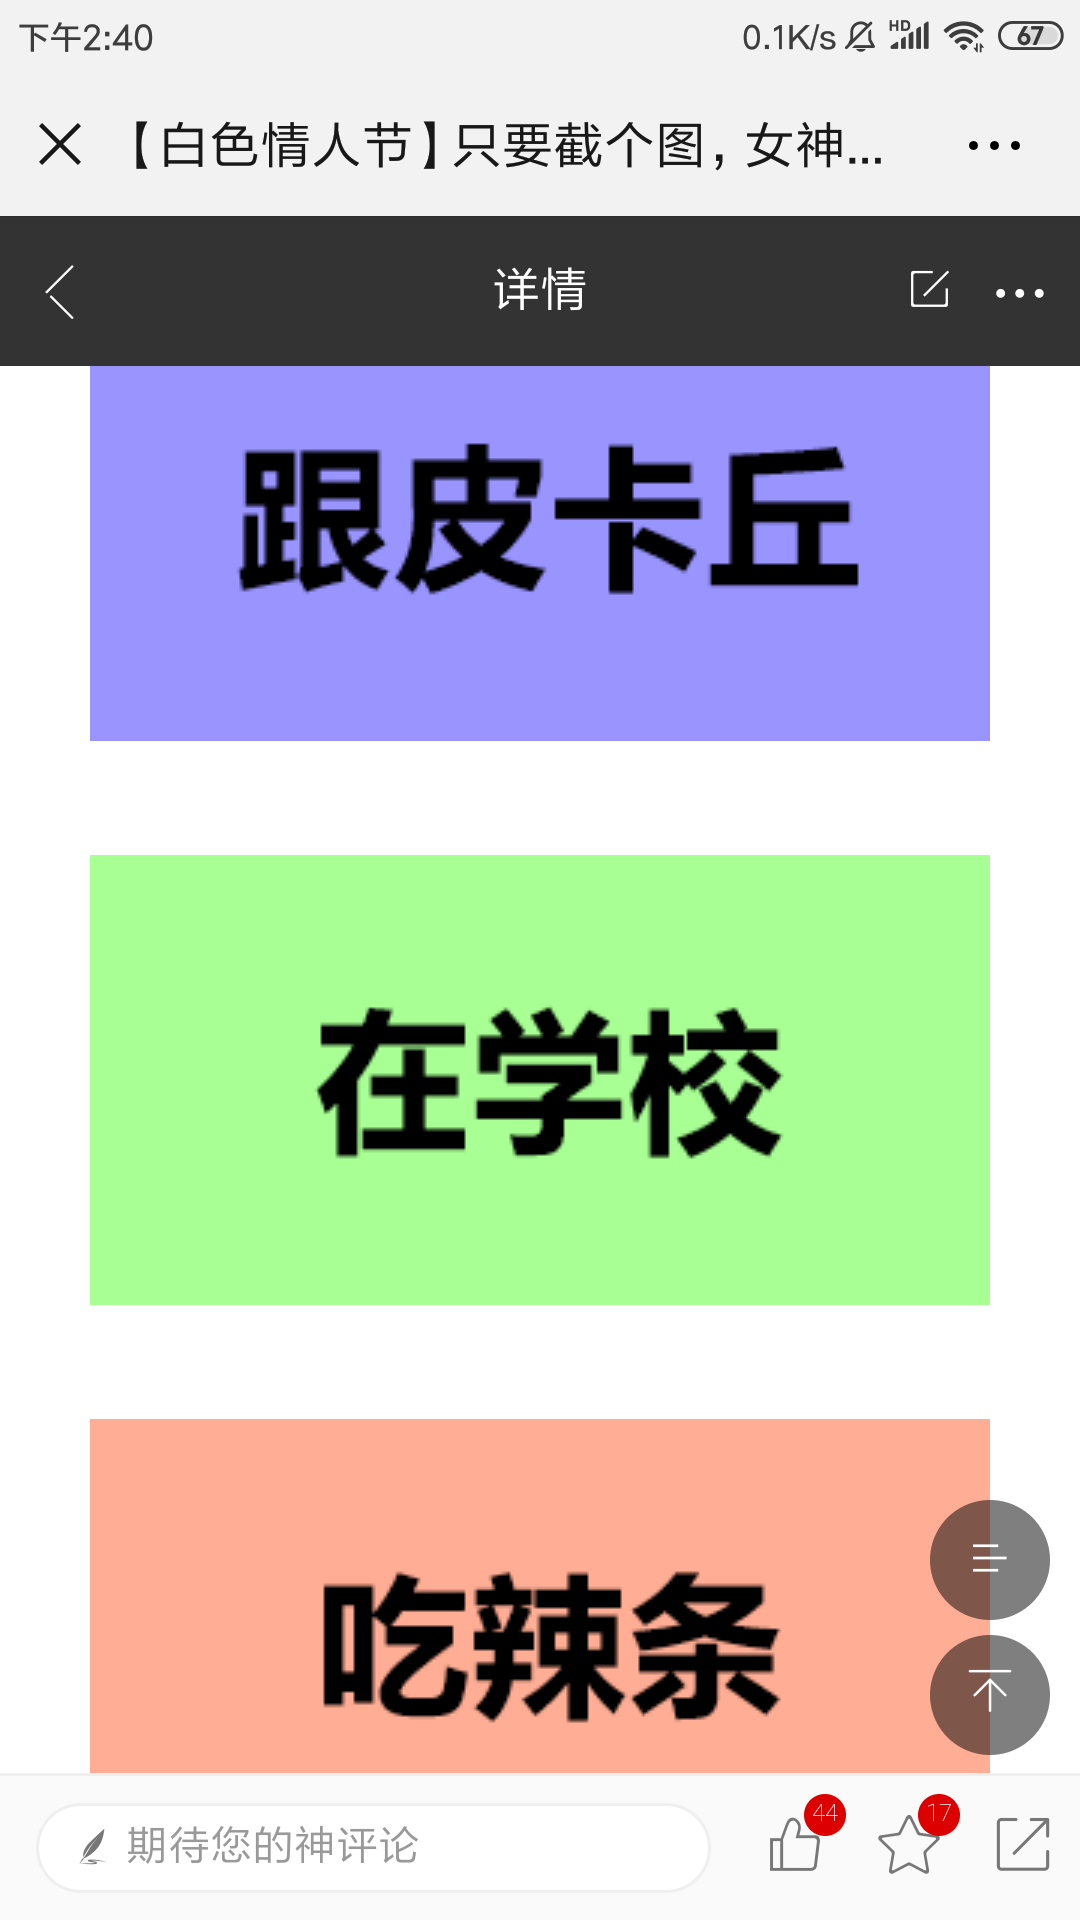 Screenshot_2019-03-14-14-40-10-030_com.tencent.mm.png